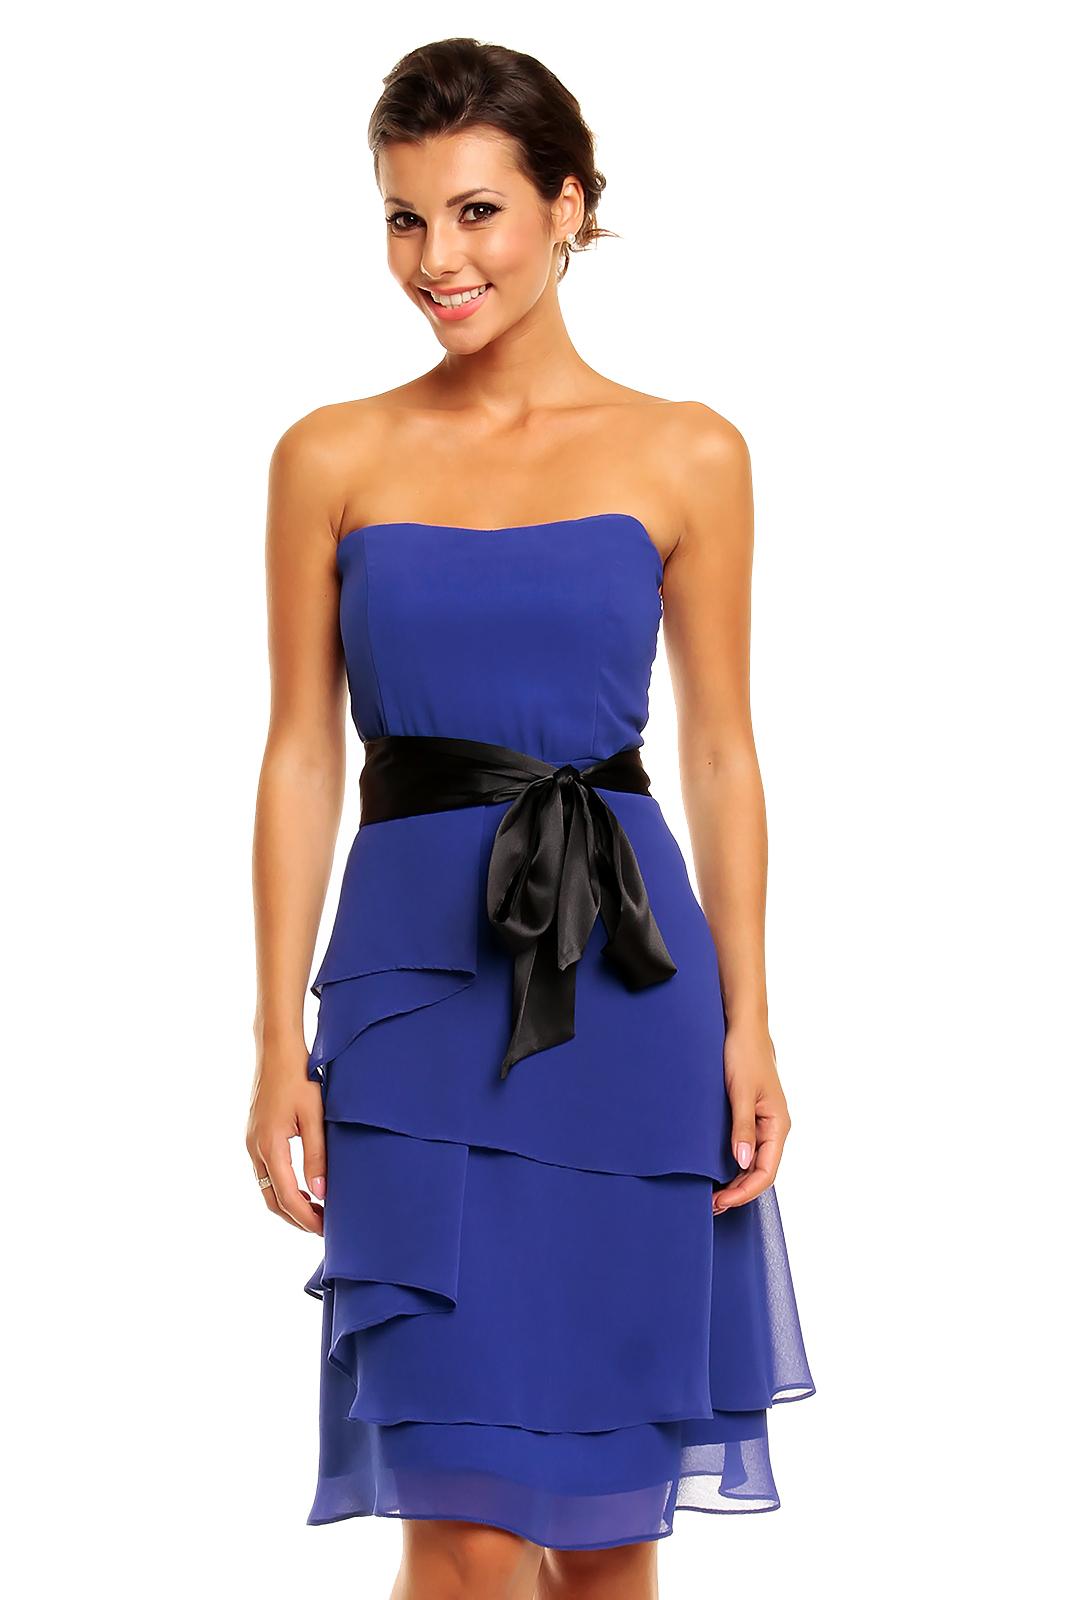 2482614ef1f Společenské šaty korzetové značkové MAYAADI s mašlí a sukní s volány modré